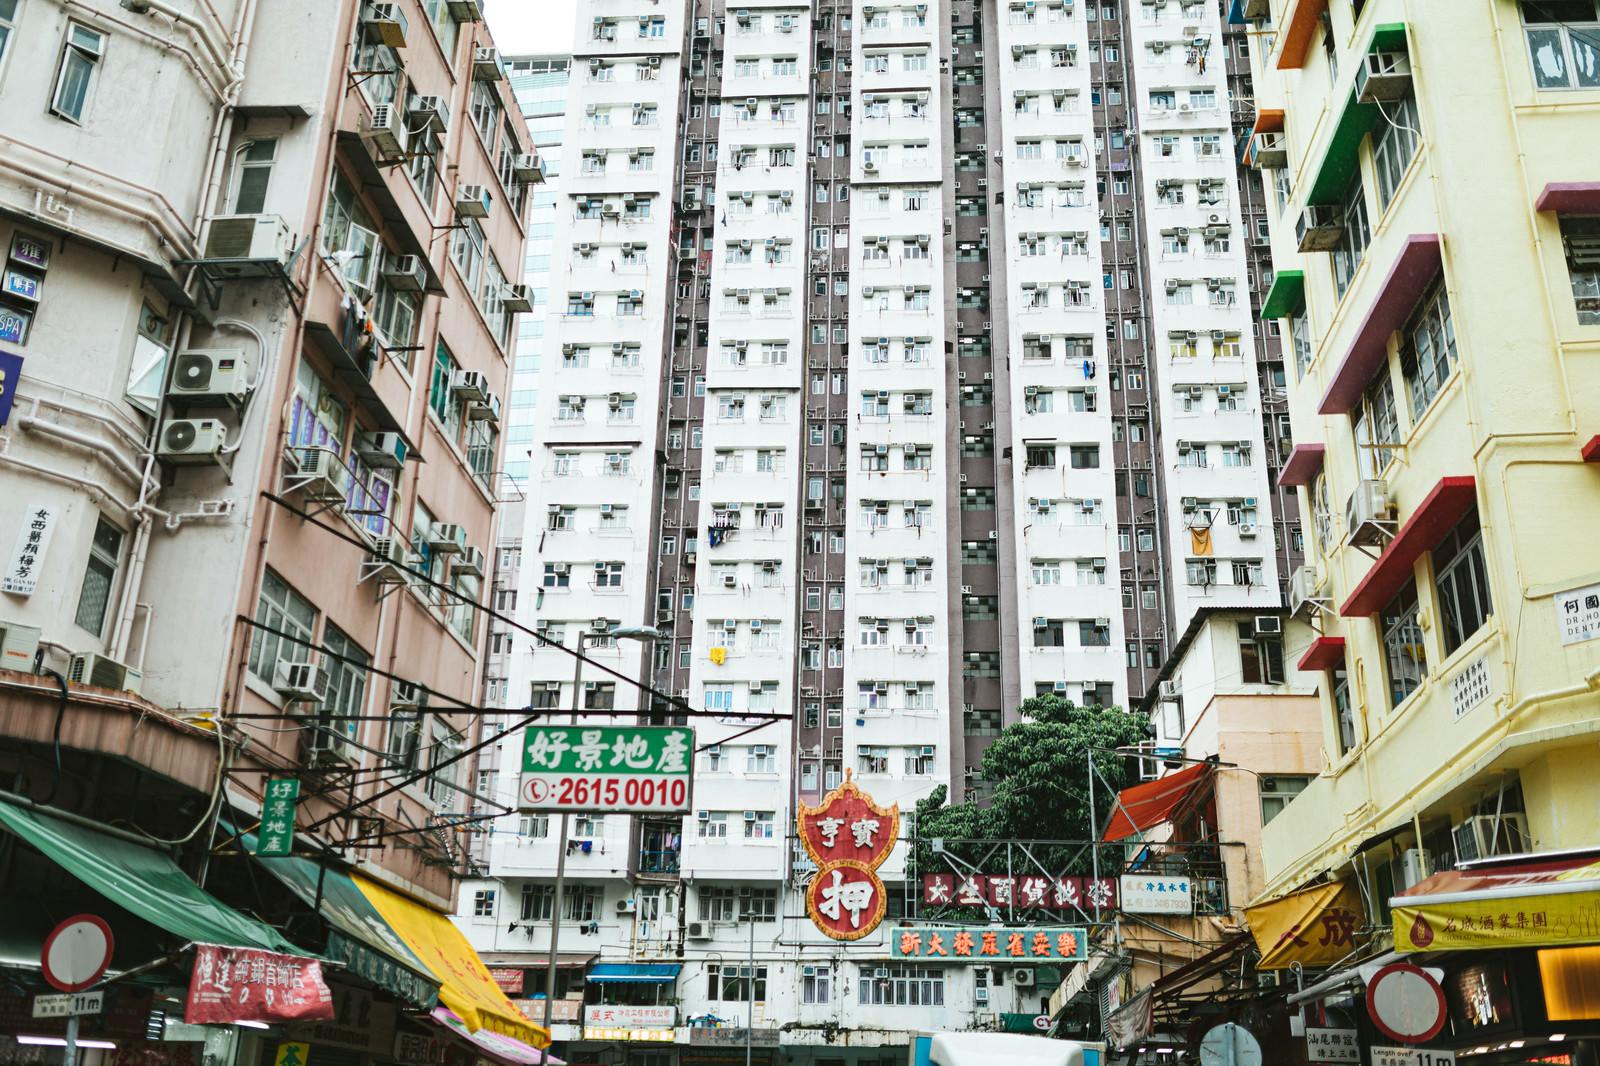 「マンションに囲まれる(香港)」の写真